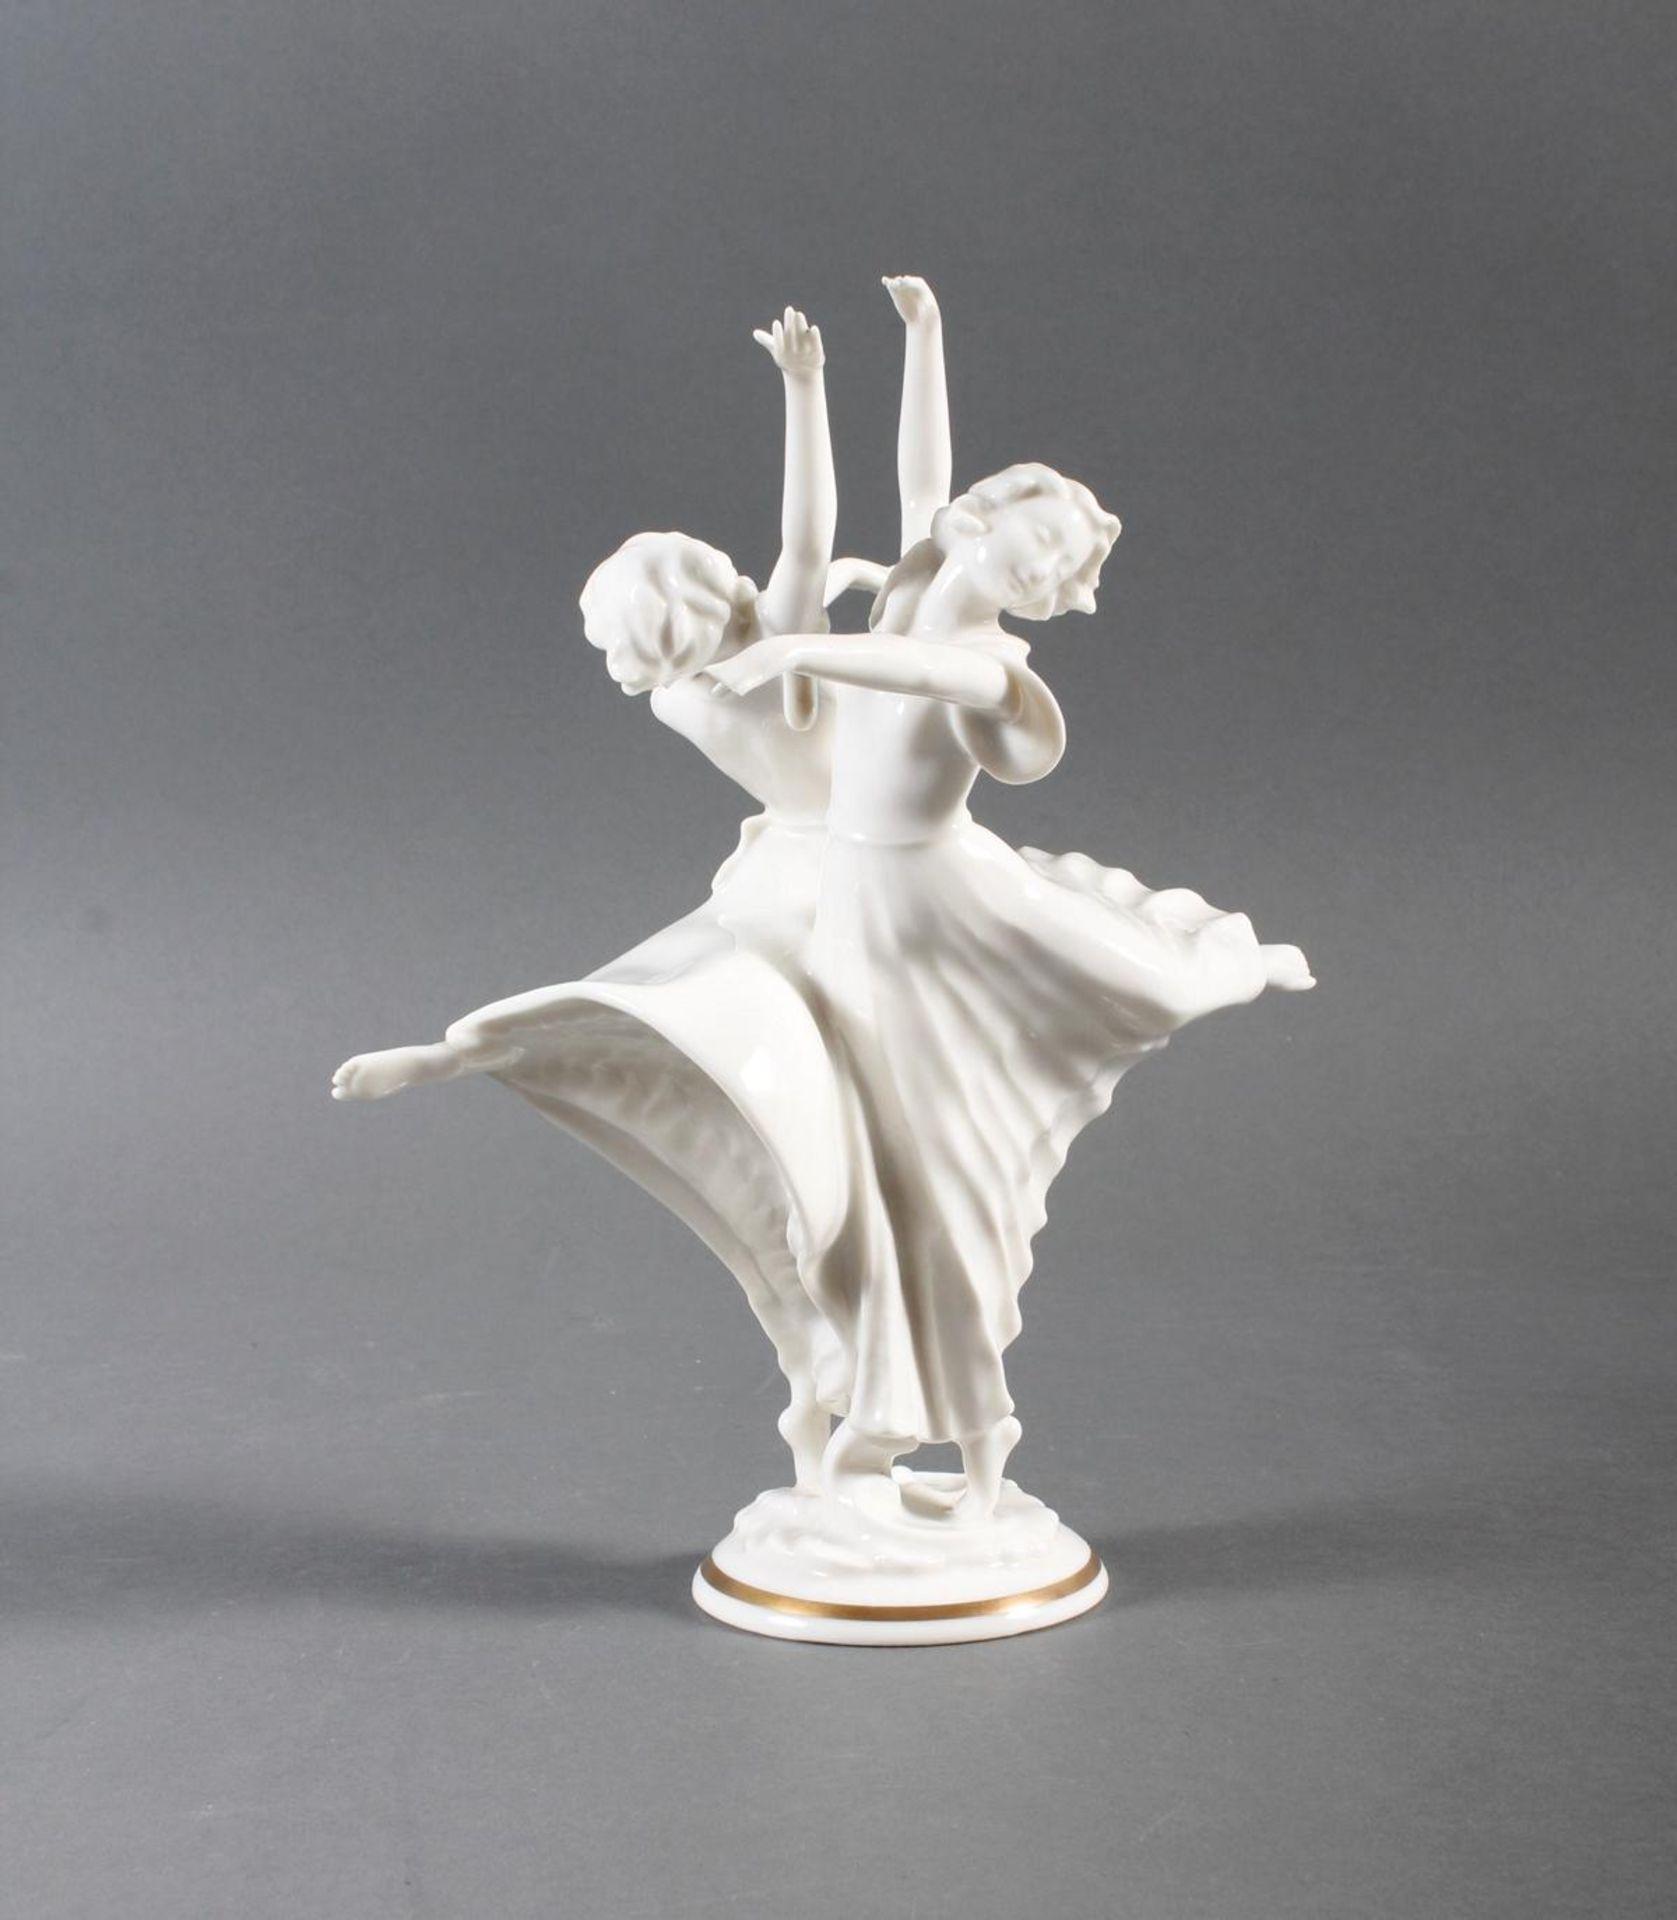 Hutschenreuther Porzellanskulptur Kunstabteilung, Reigen